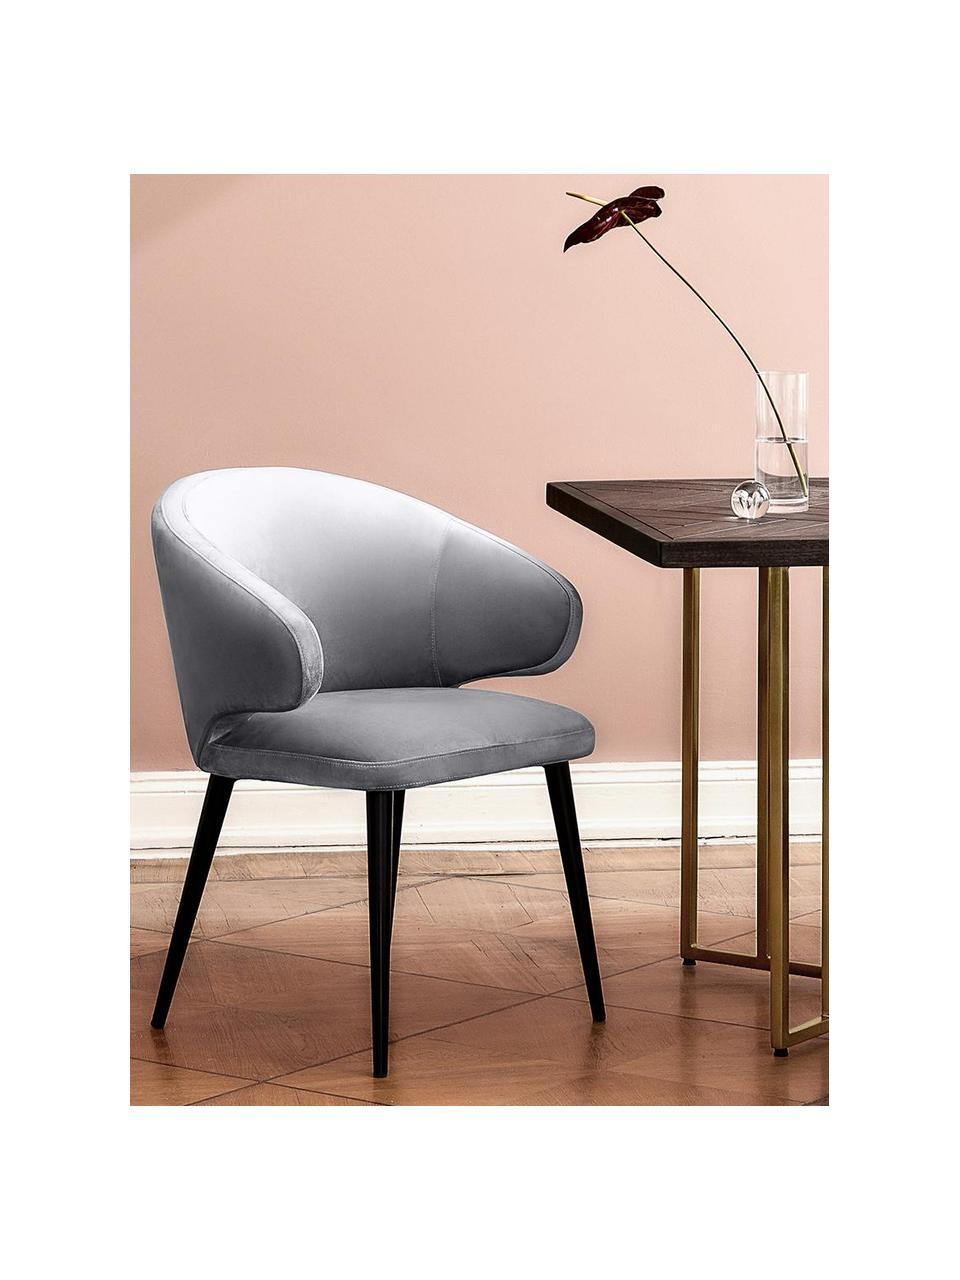 Moderní sametová židle spodručkami Celia, Ocelově šedá